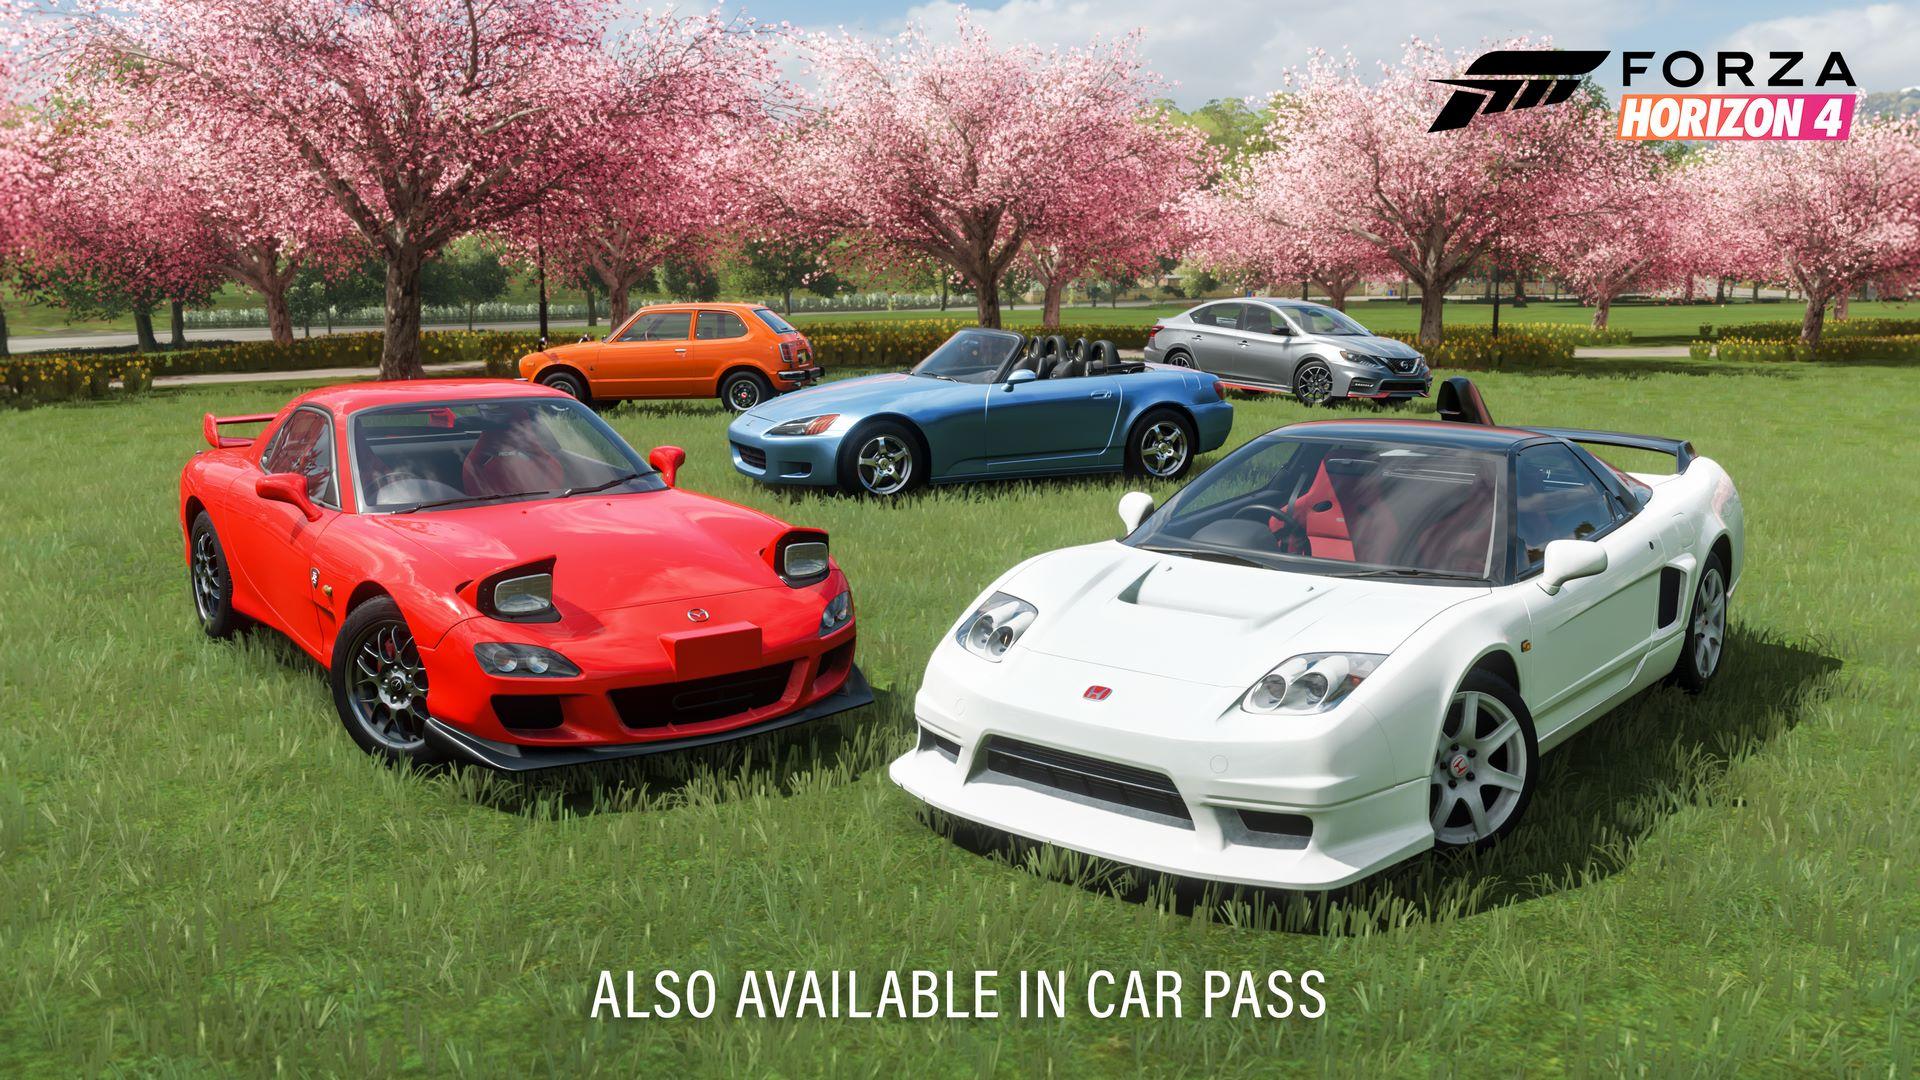 Forza-Horizon-4-Series-28-Update-3